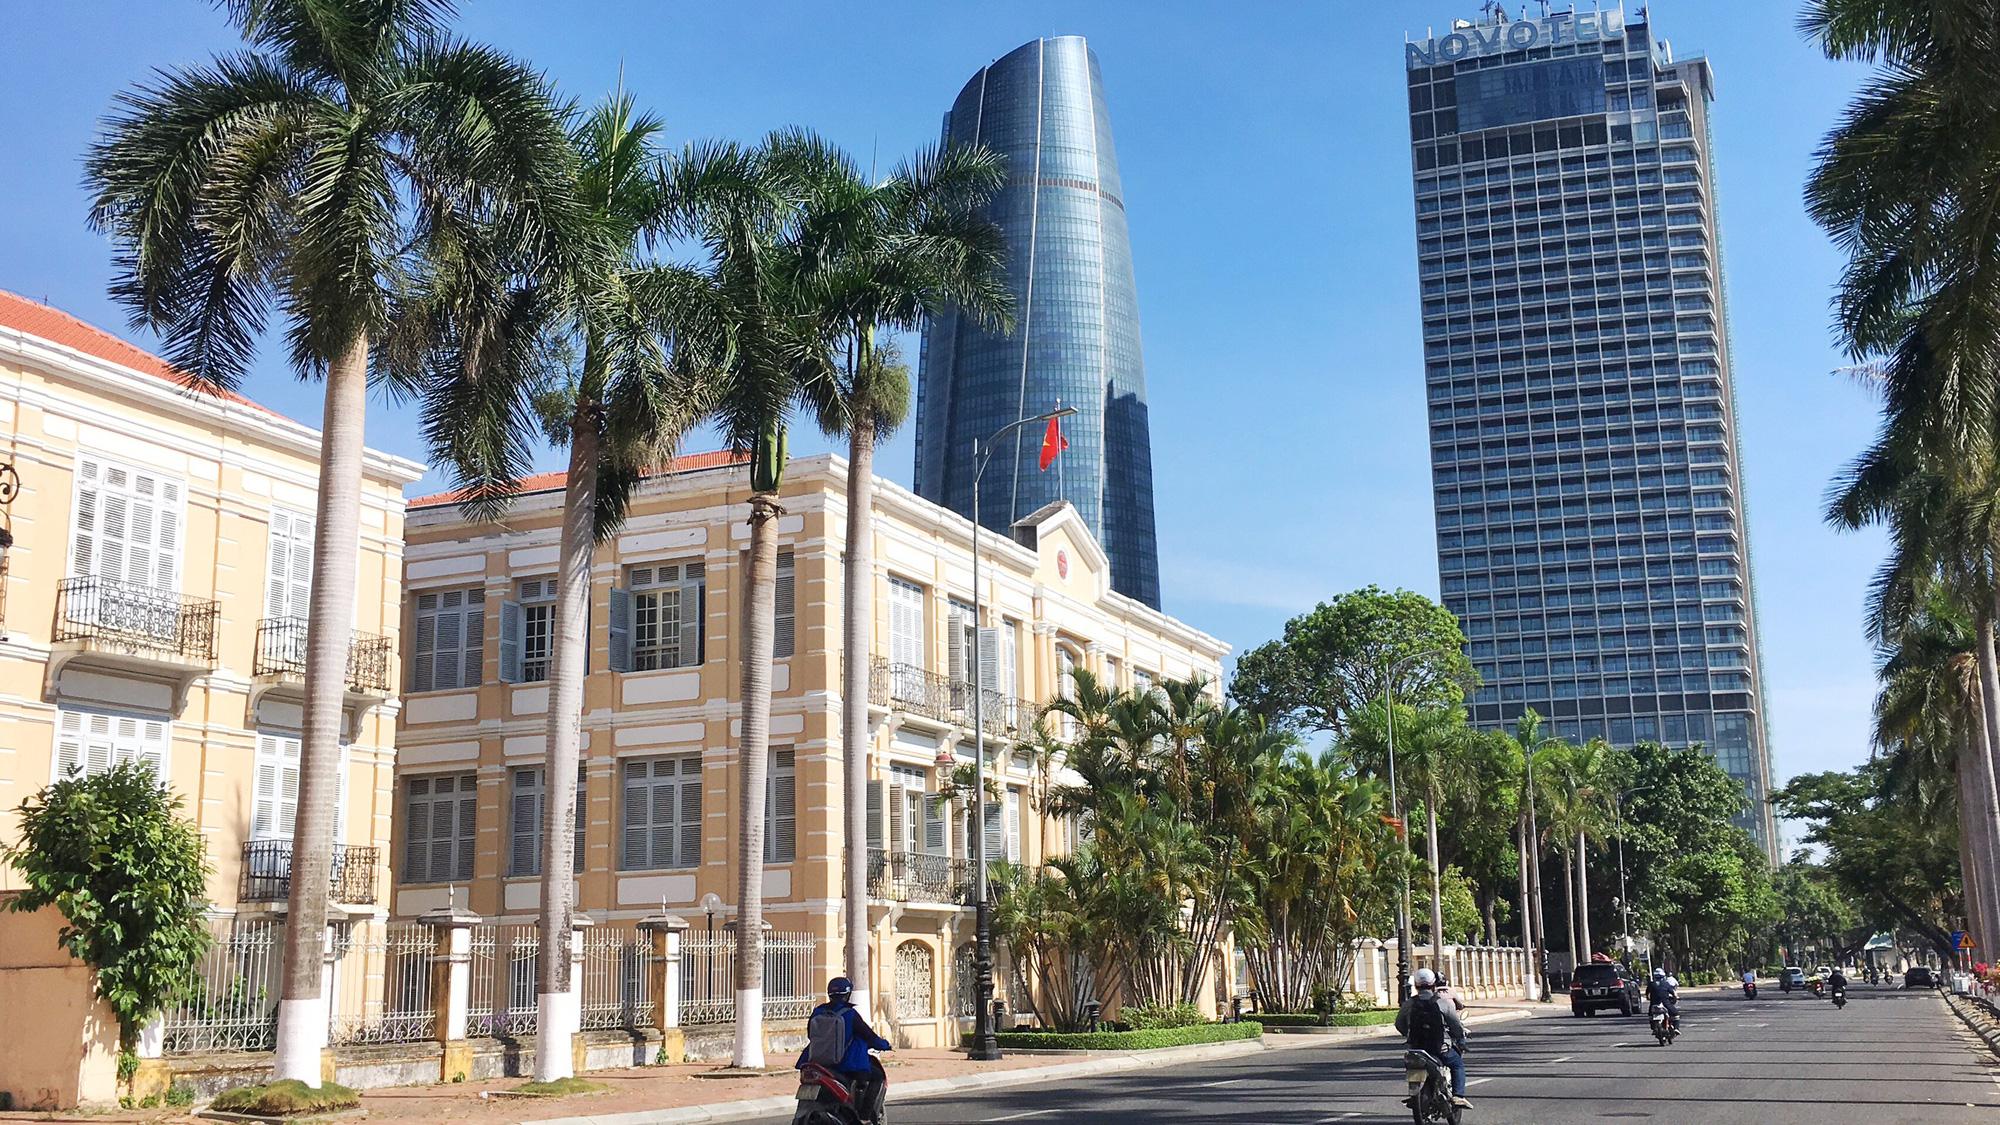 Đất vàng trung tâm Đà Nẵng làm quảng trường - Ảnh 3.